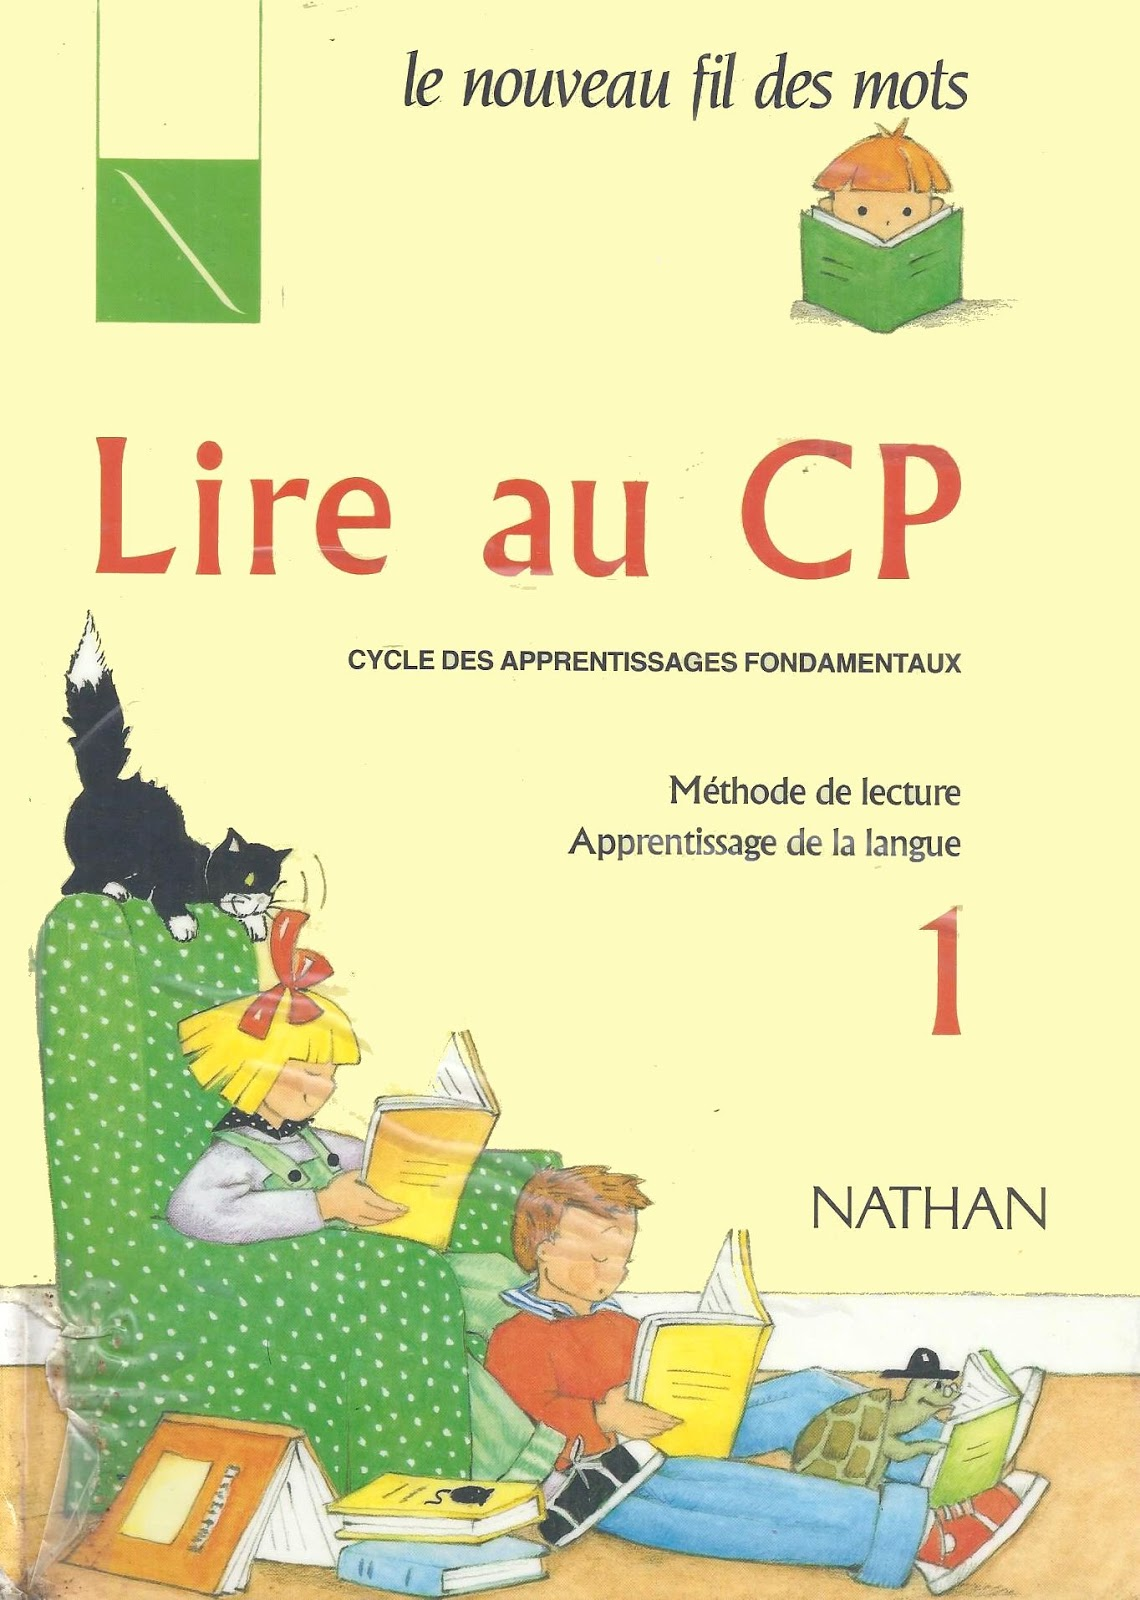 Avec quelle méthode avez-vous appris à lire ?